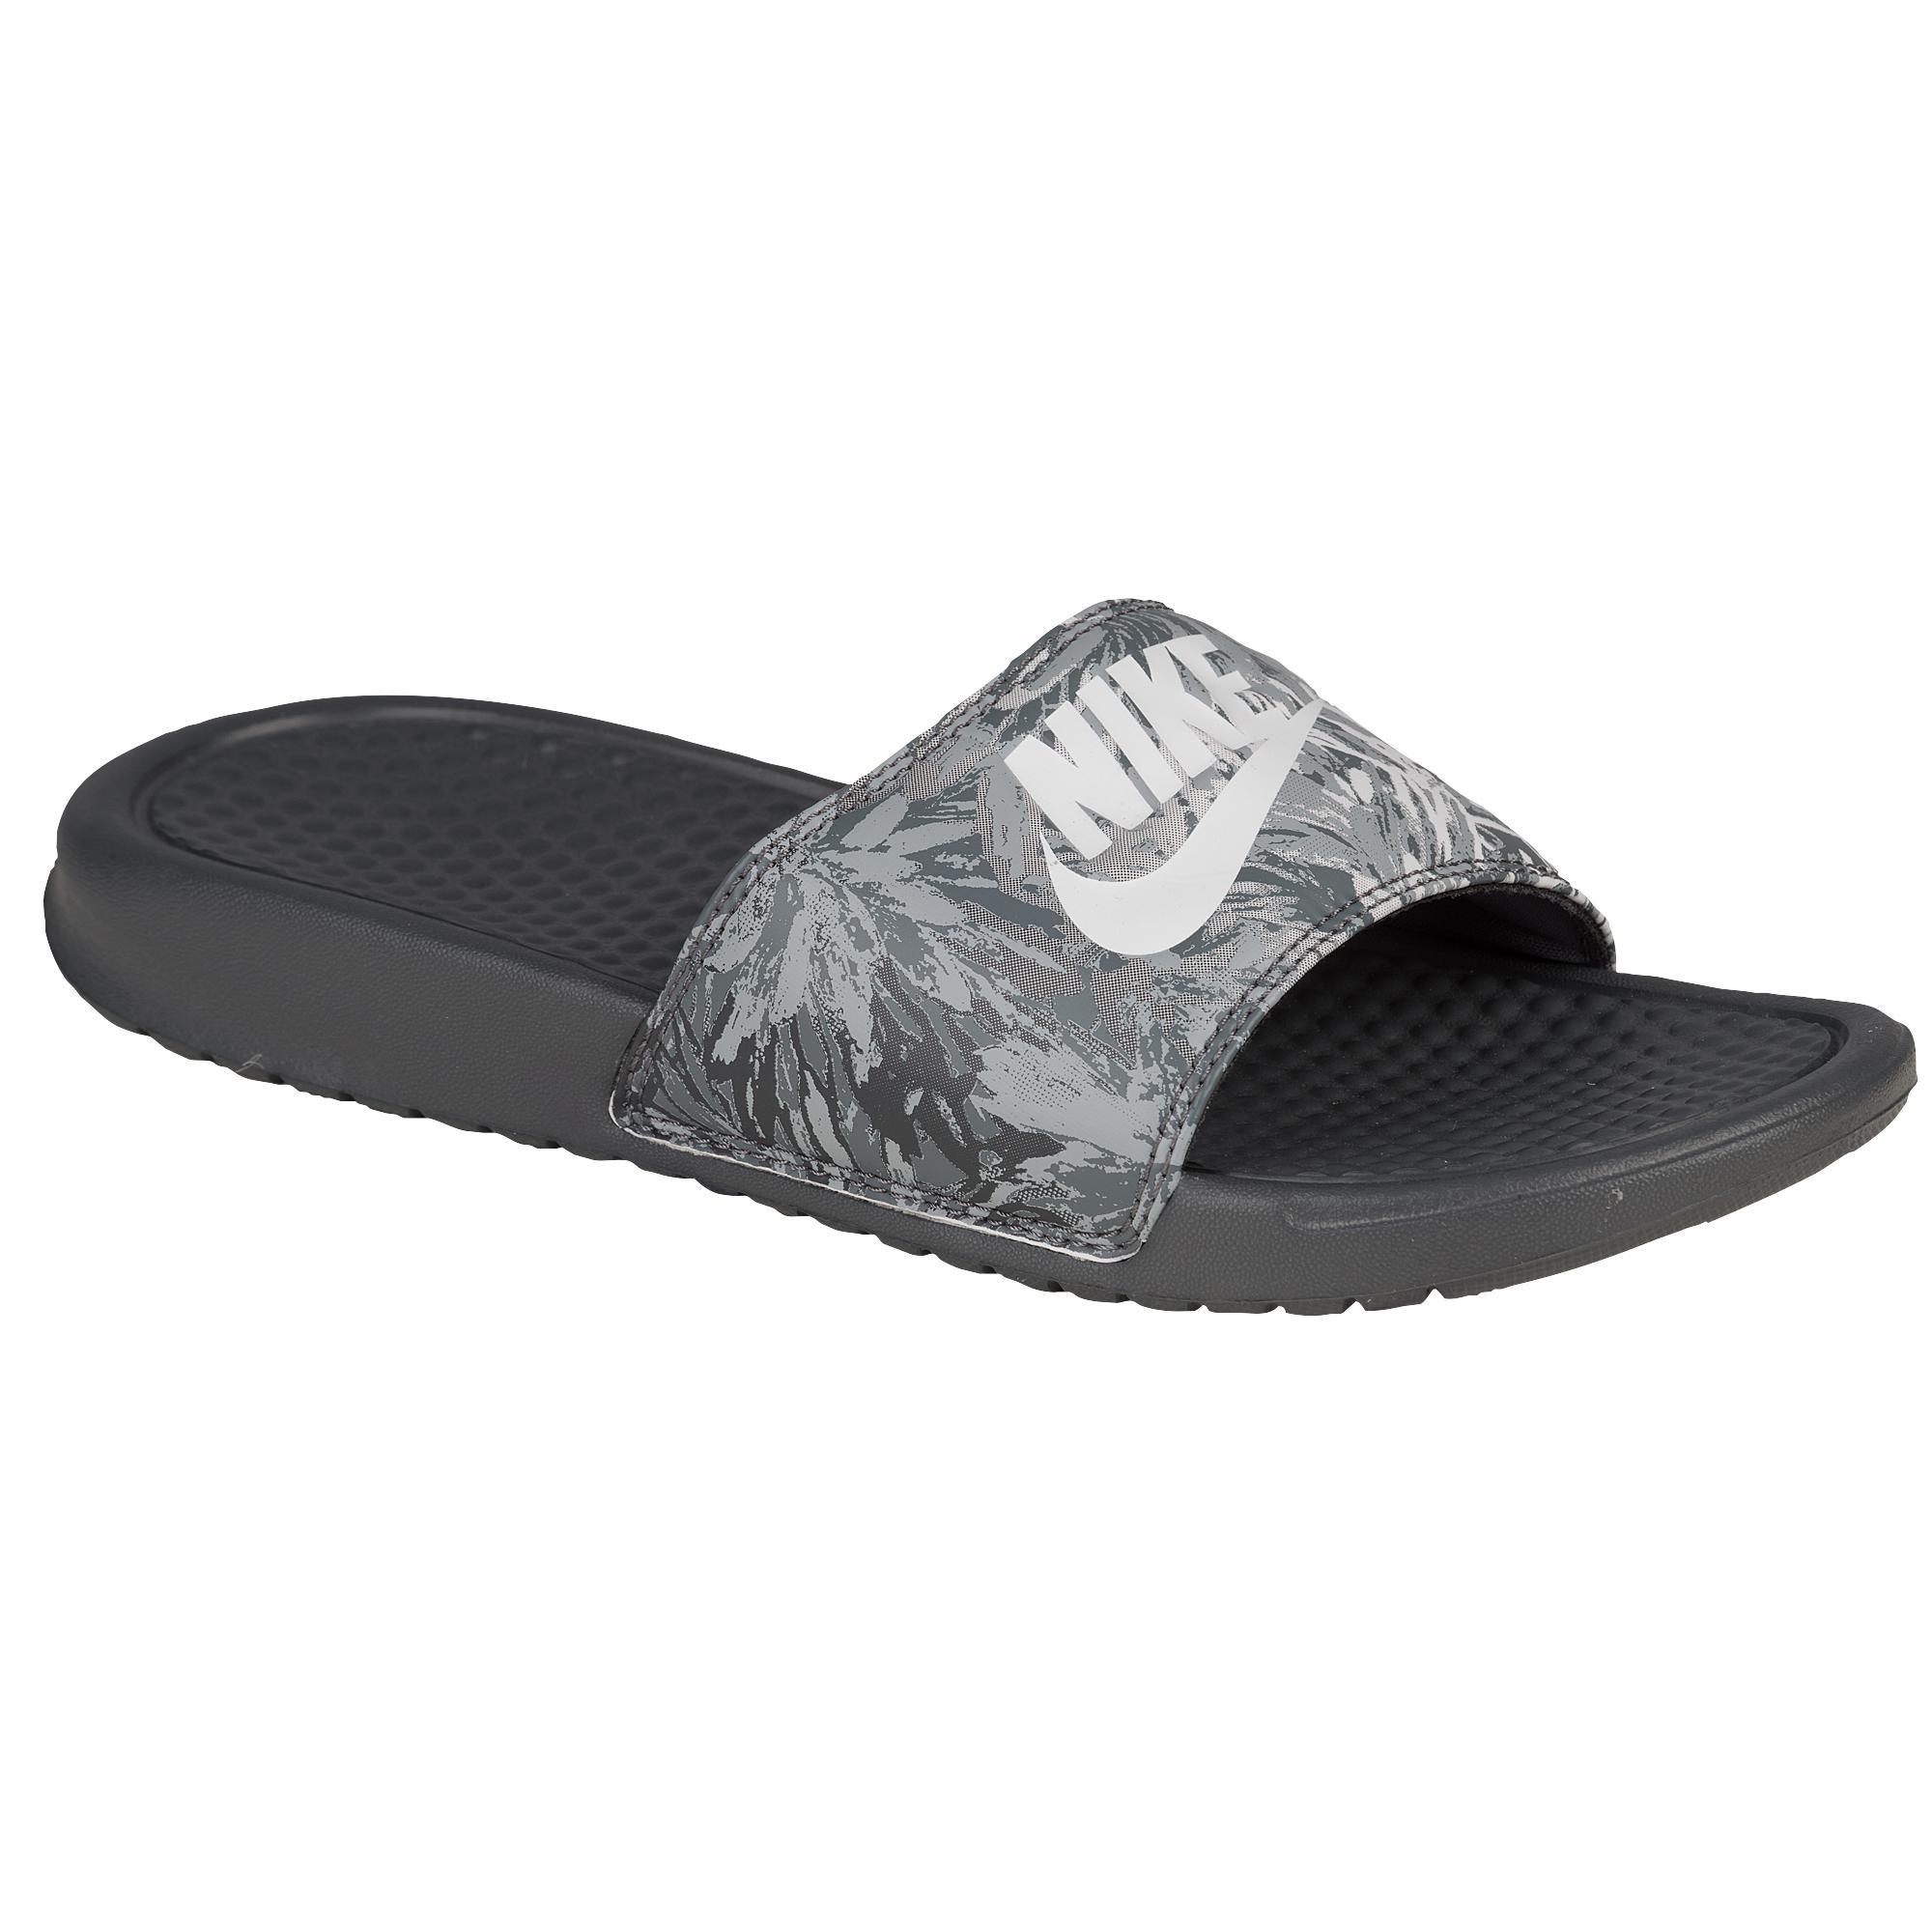 03159f9c5ea Lyst - Nike Benassi Jdi Slide for Men